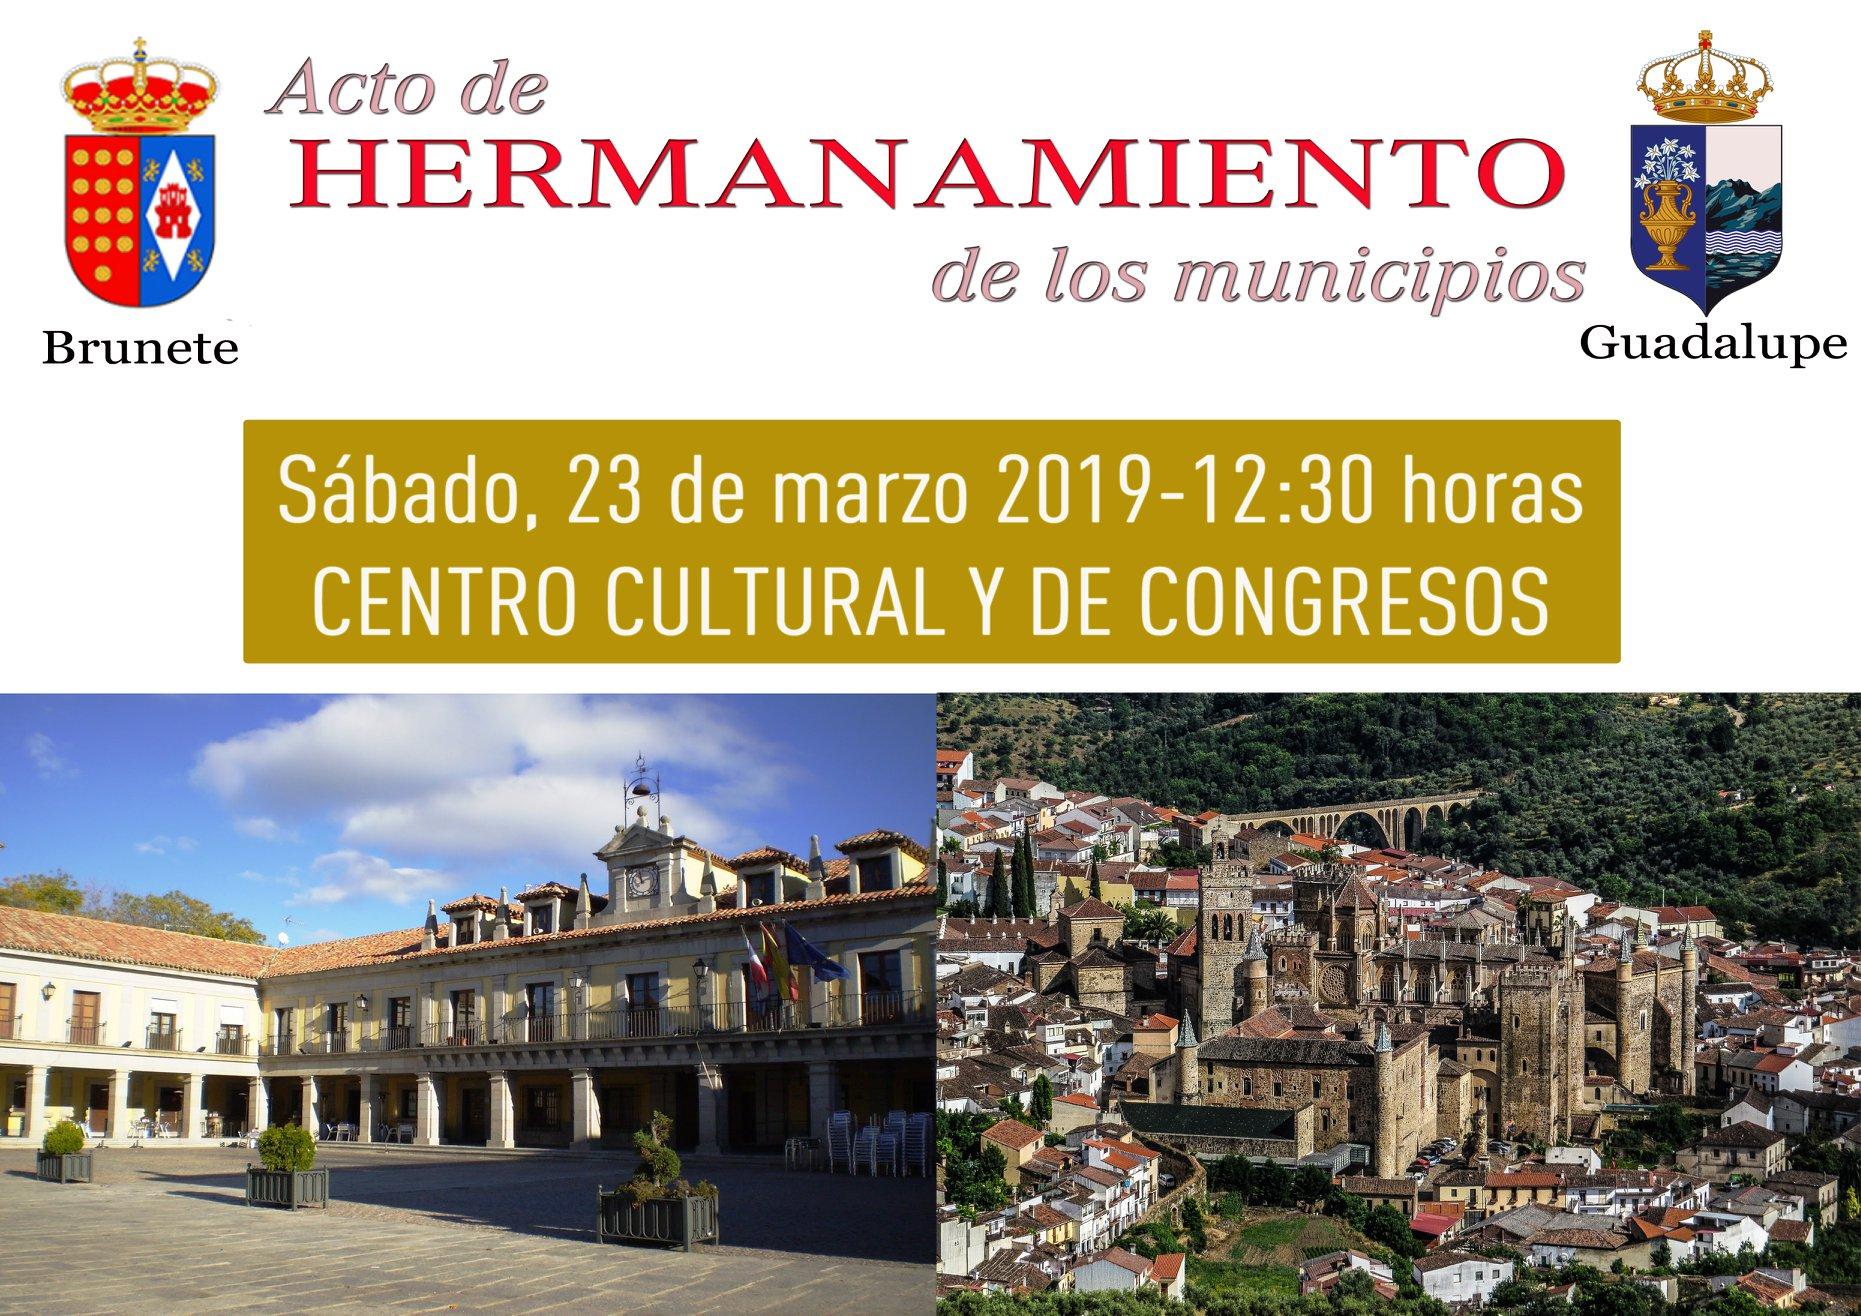 Acto de hermanamiento de los municipios de Brunete y Guadalupe